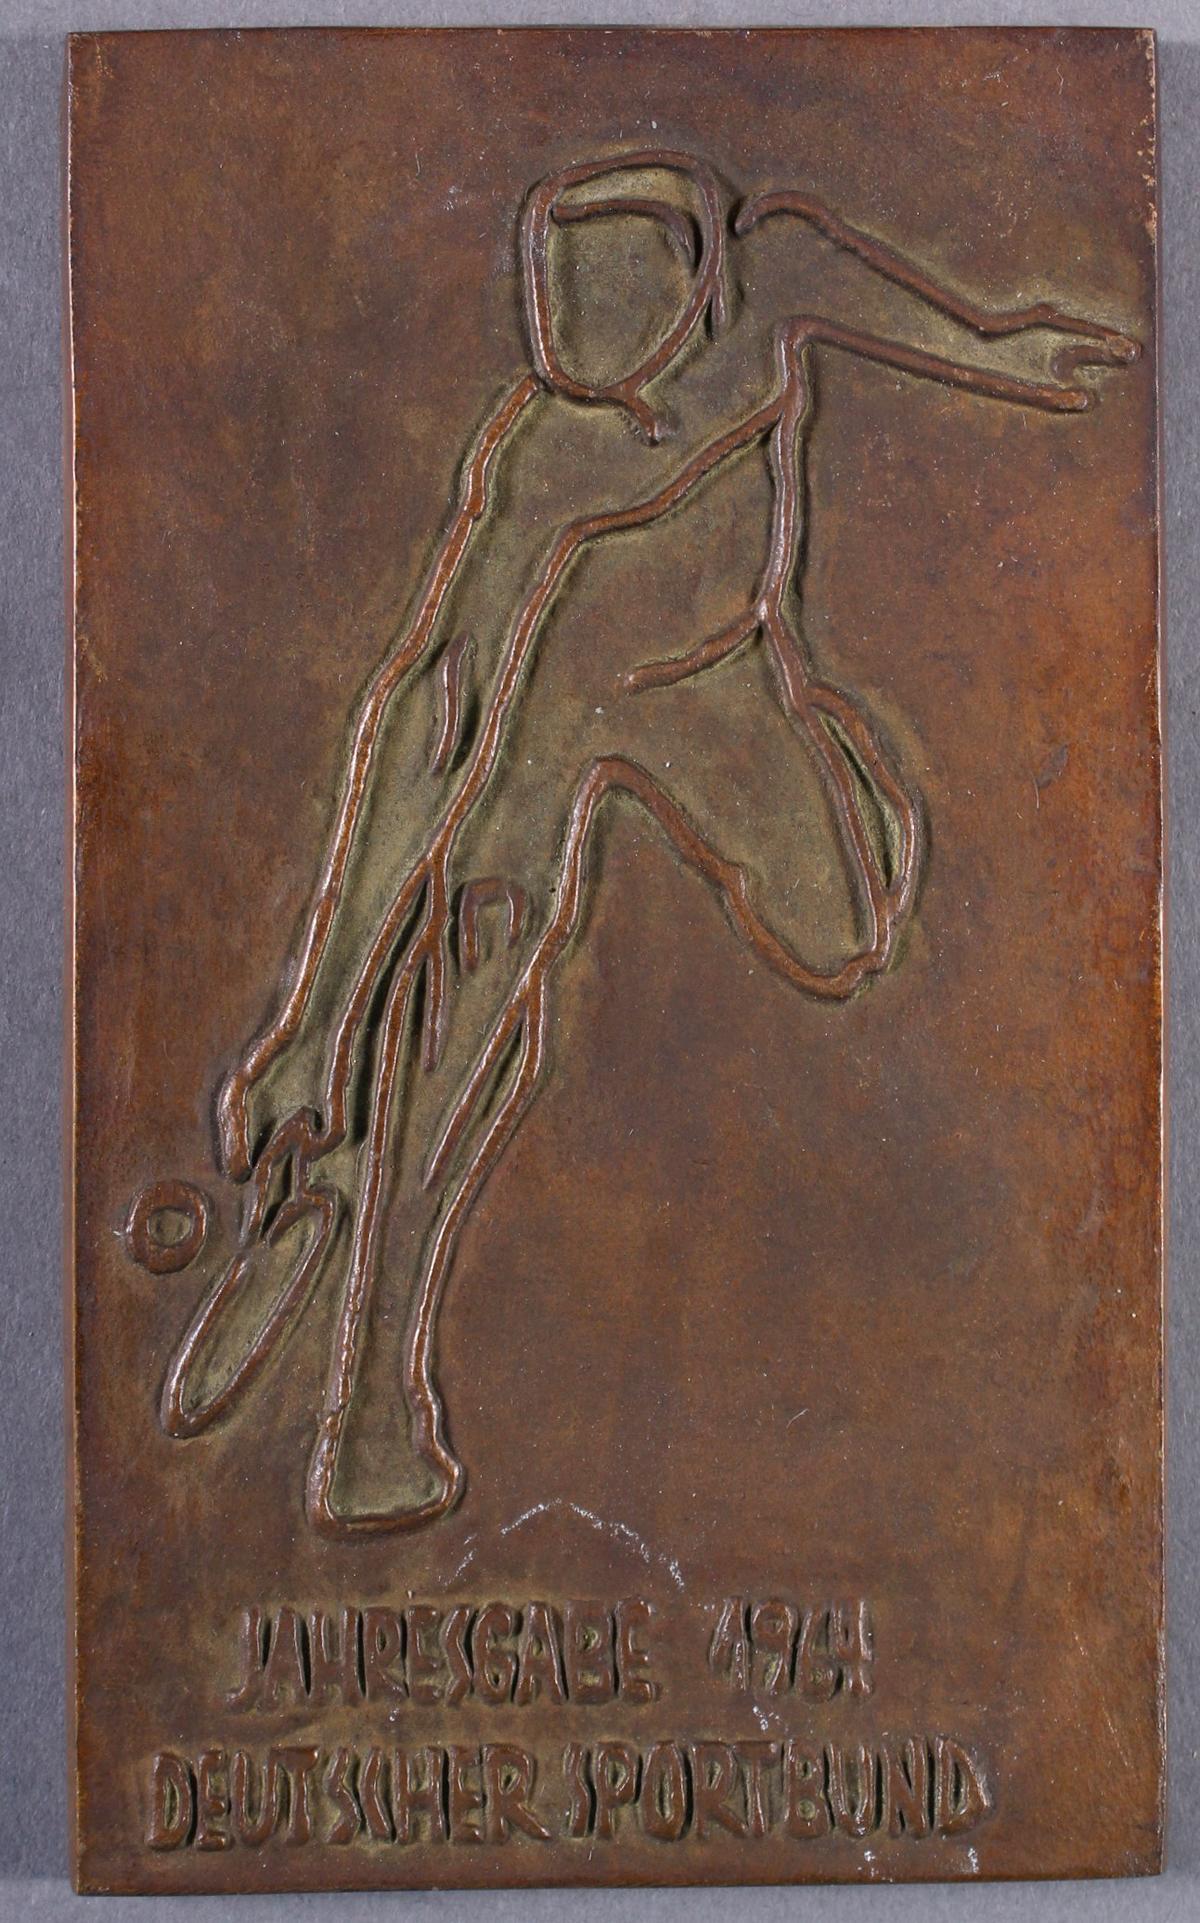 2 Jahresgaben des Deutschen Sportbundes 1964 und 1967-2